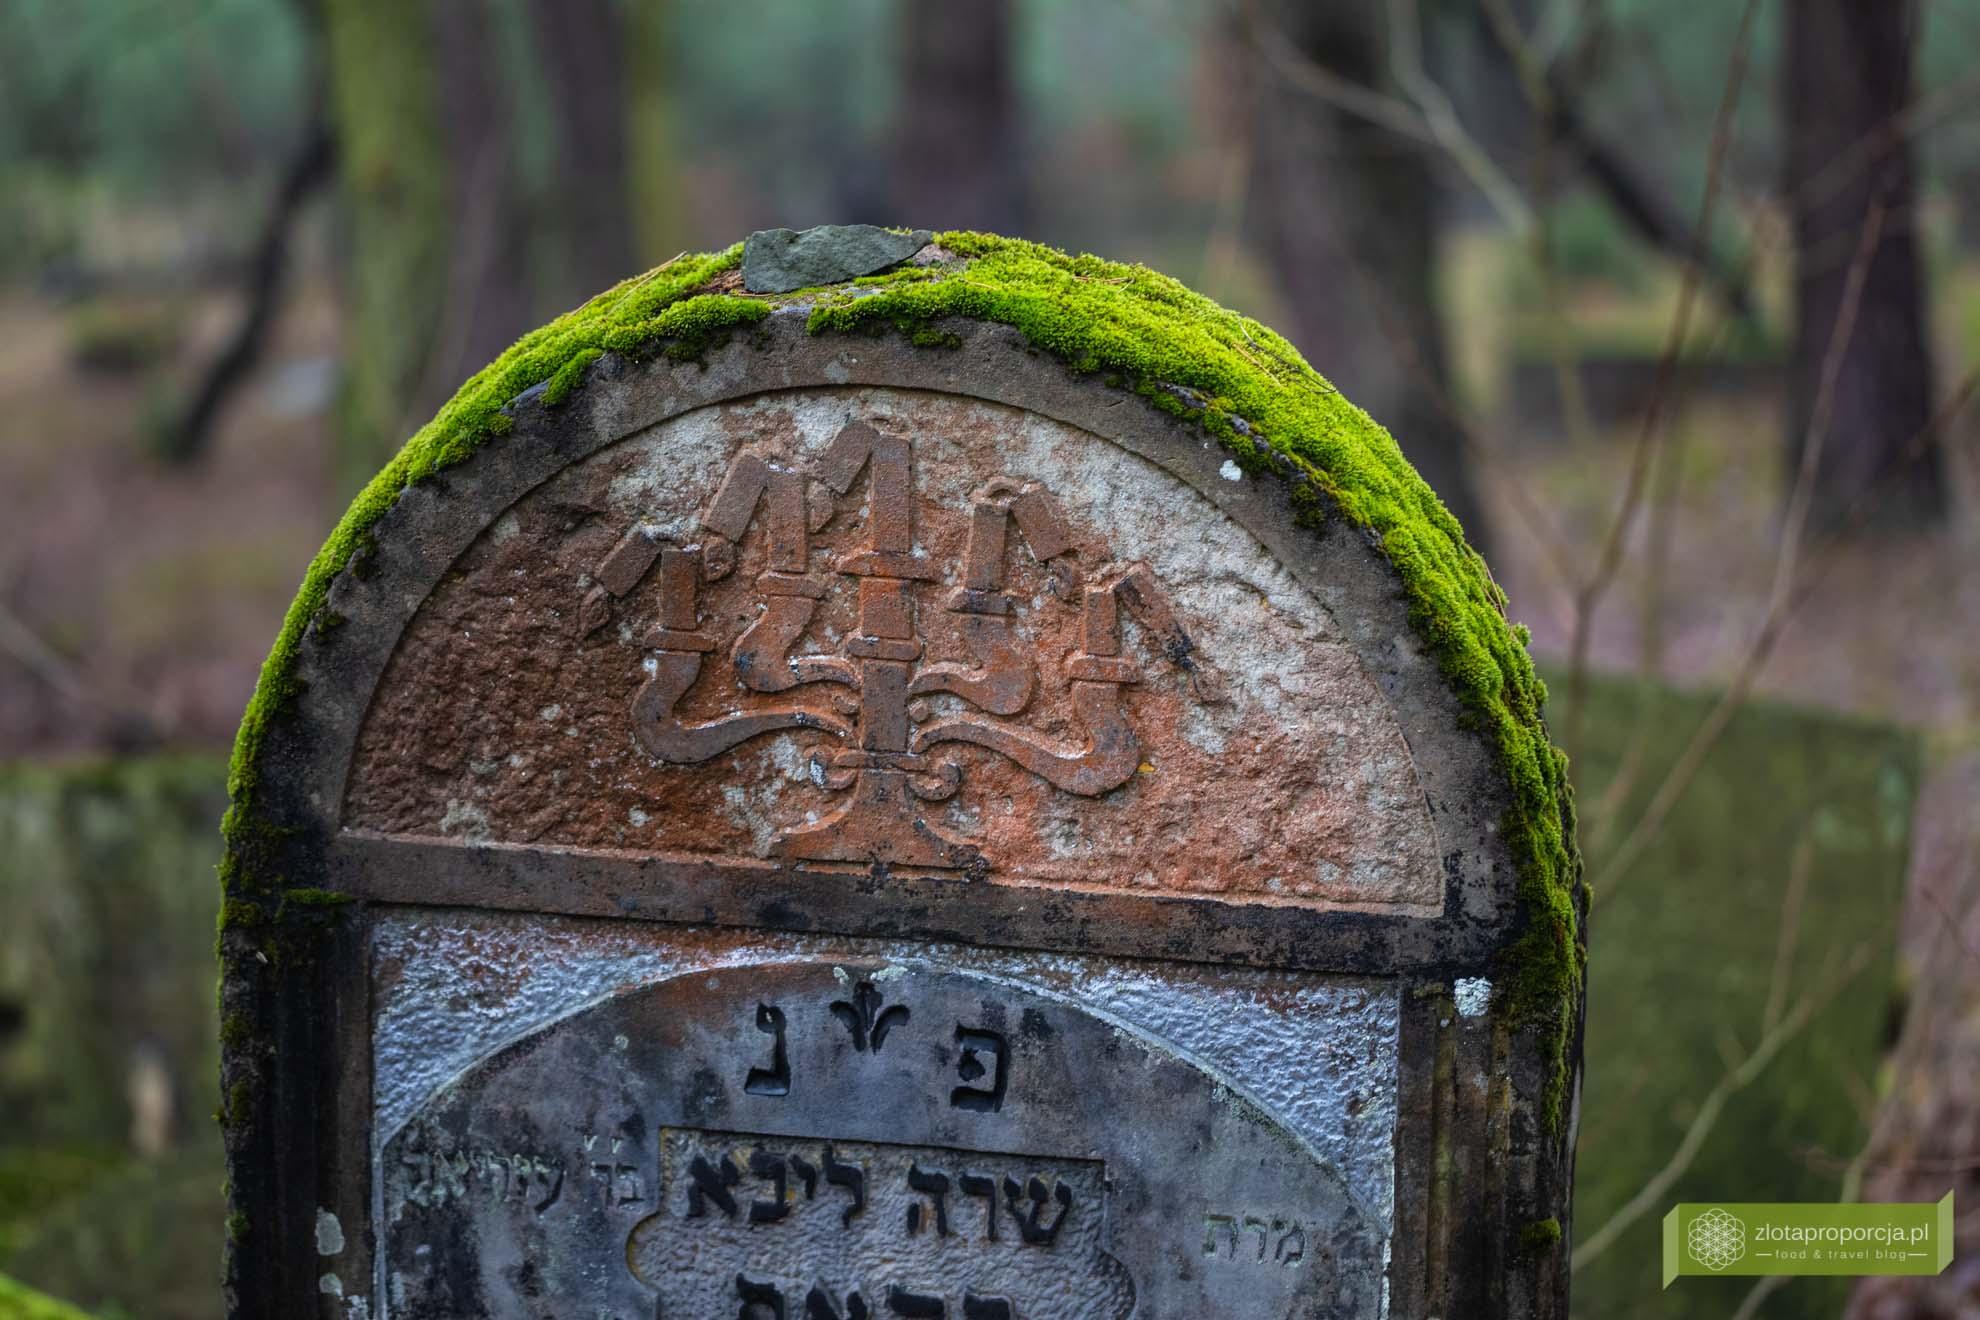 Cmentarz żydowski w Otwocku; cmentarz żydowski w Anielinie; Okolice Otwocka; Mazowiecki Park Krajobrazowy; Mazowsze; Mazowiecki Park Krajobrazowy atrakcje; macewy koło Otwocka; okolice Karczewa;